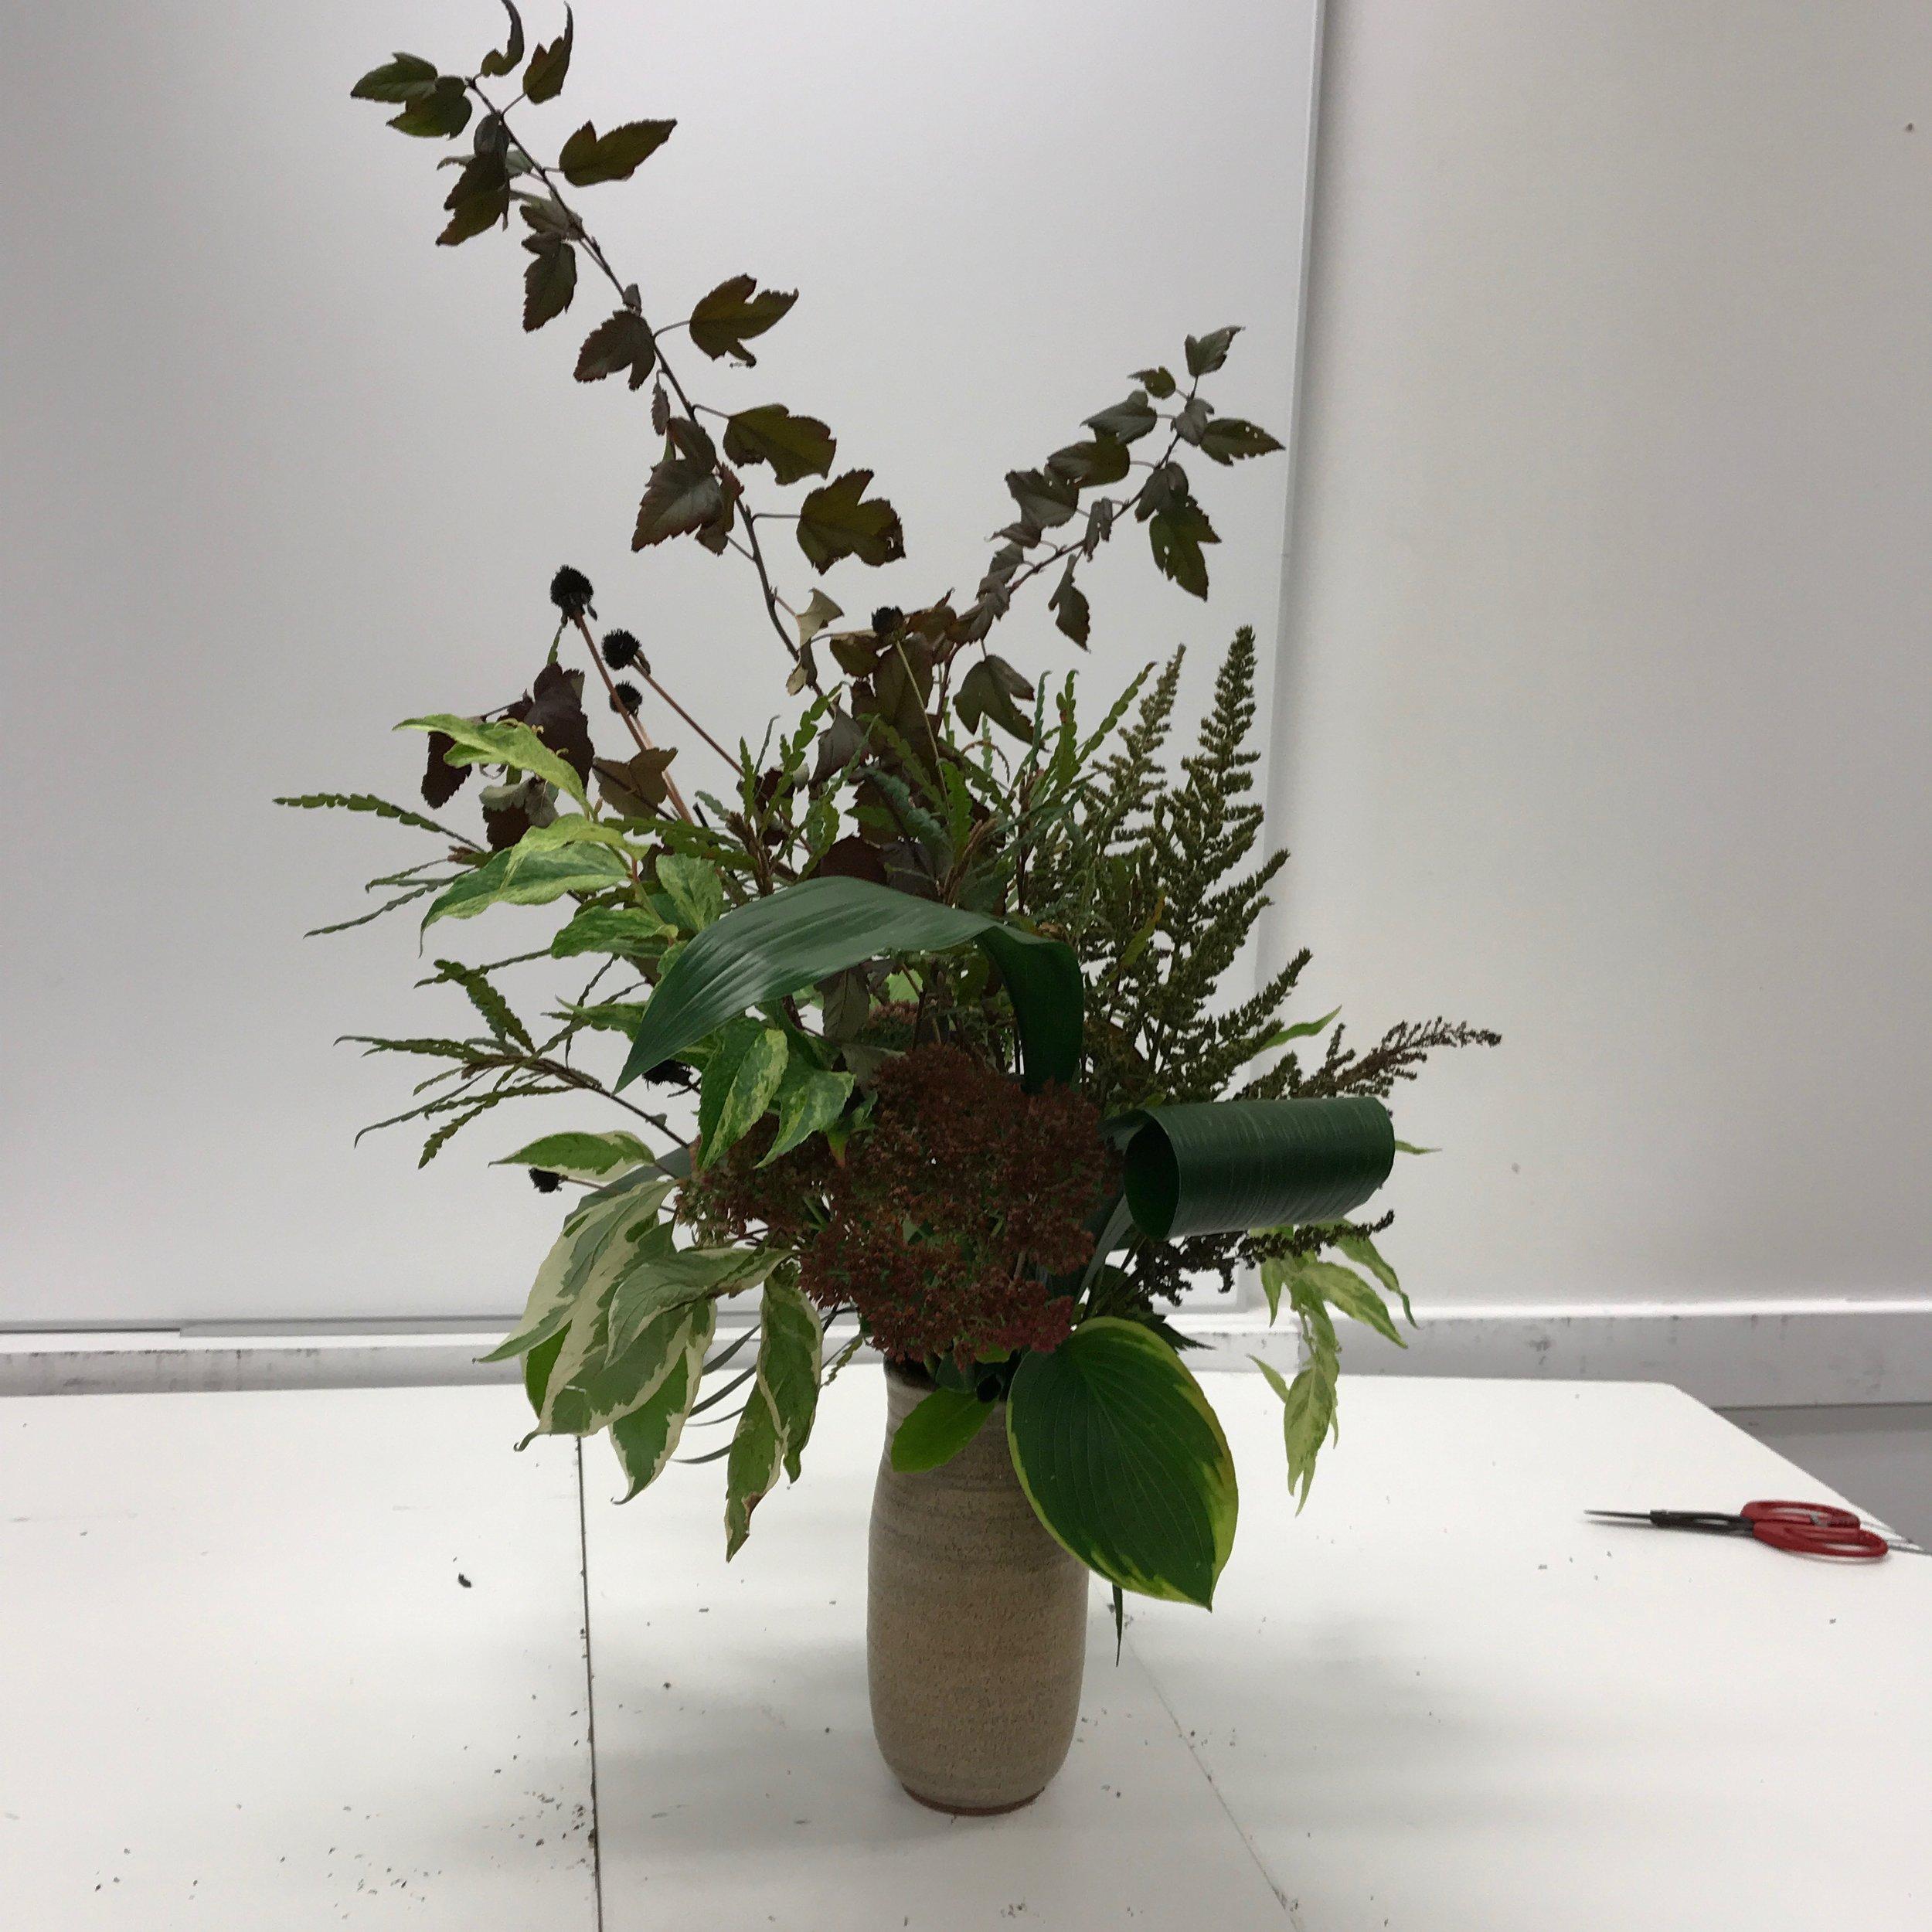 Floral workshop, 10-18-17over,  MA, October 18, 2017 - 1 of 16 (2).jpg